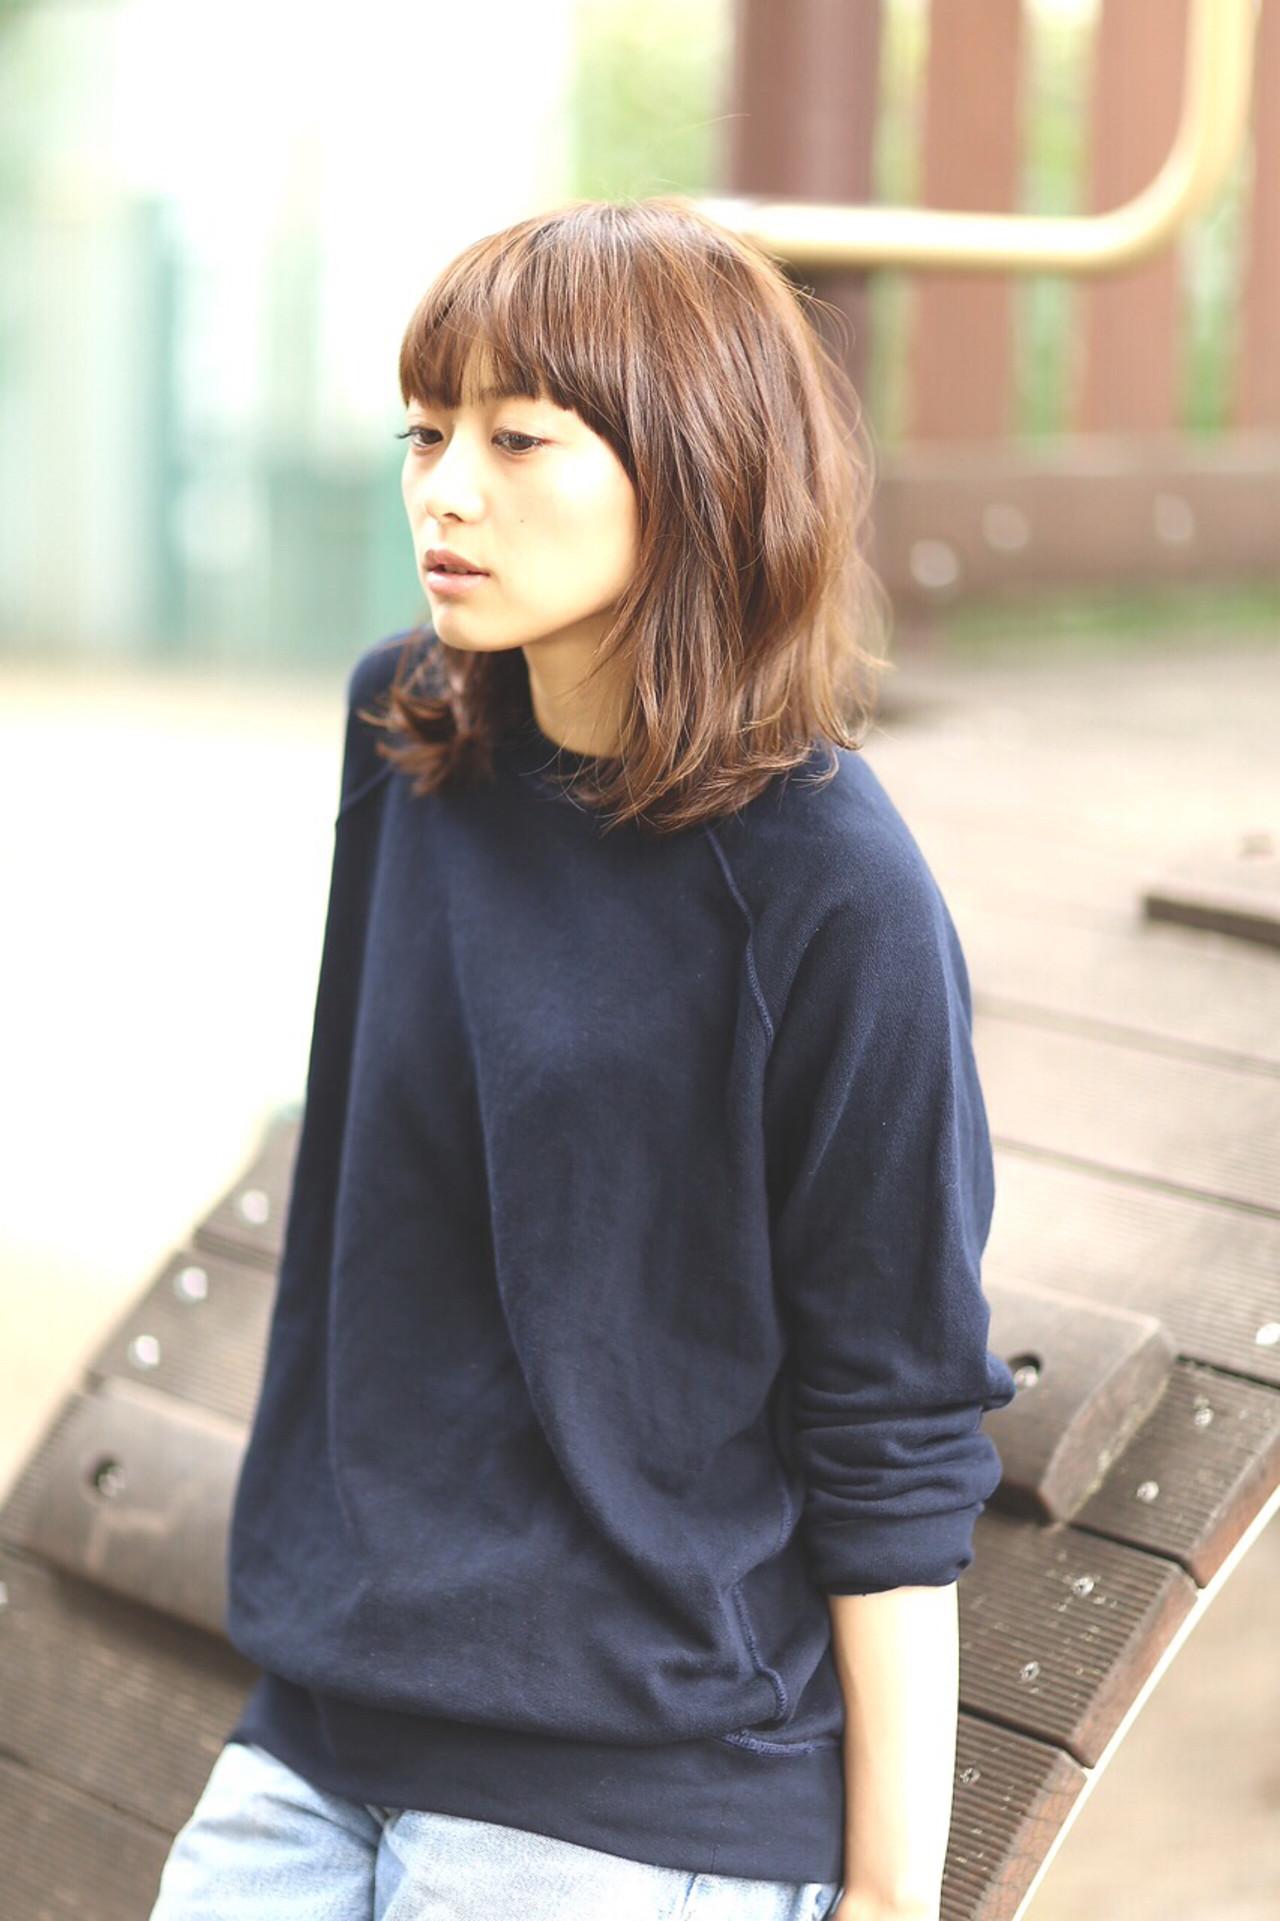 アッシュ 大人女子 ボブ ミディアム ヘアスタイルや髪型の写真・画像 | junya / hair.andrey